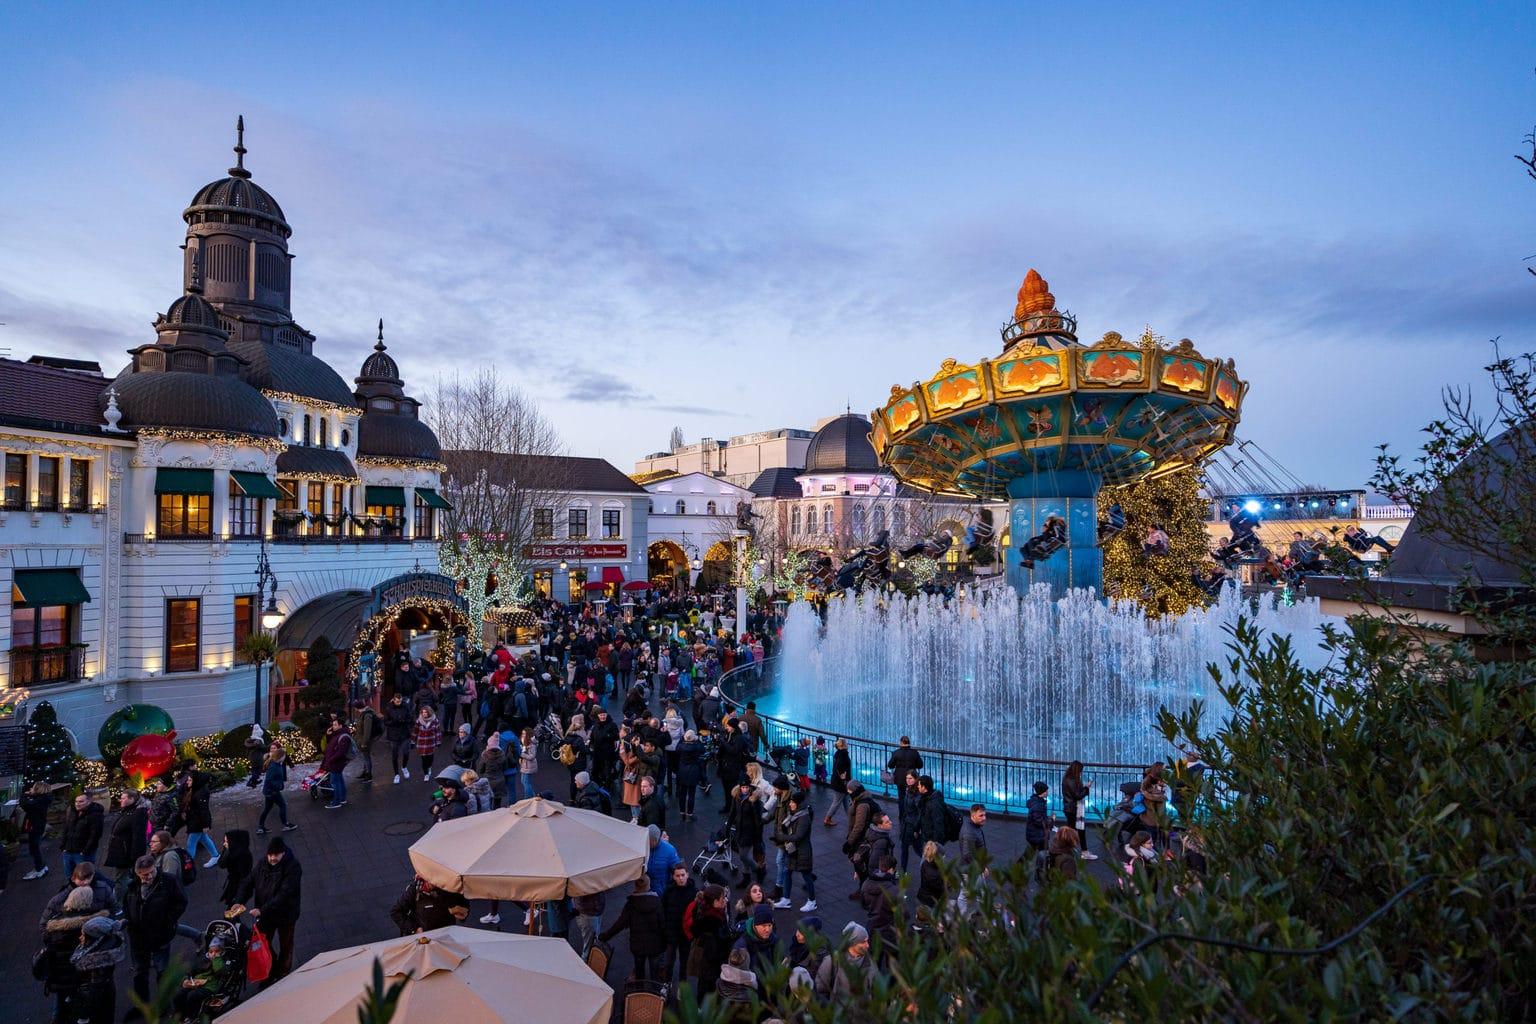 Een carrousel in het midden van een fontain in Phantasialand pretpark in Bruehl